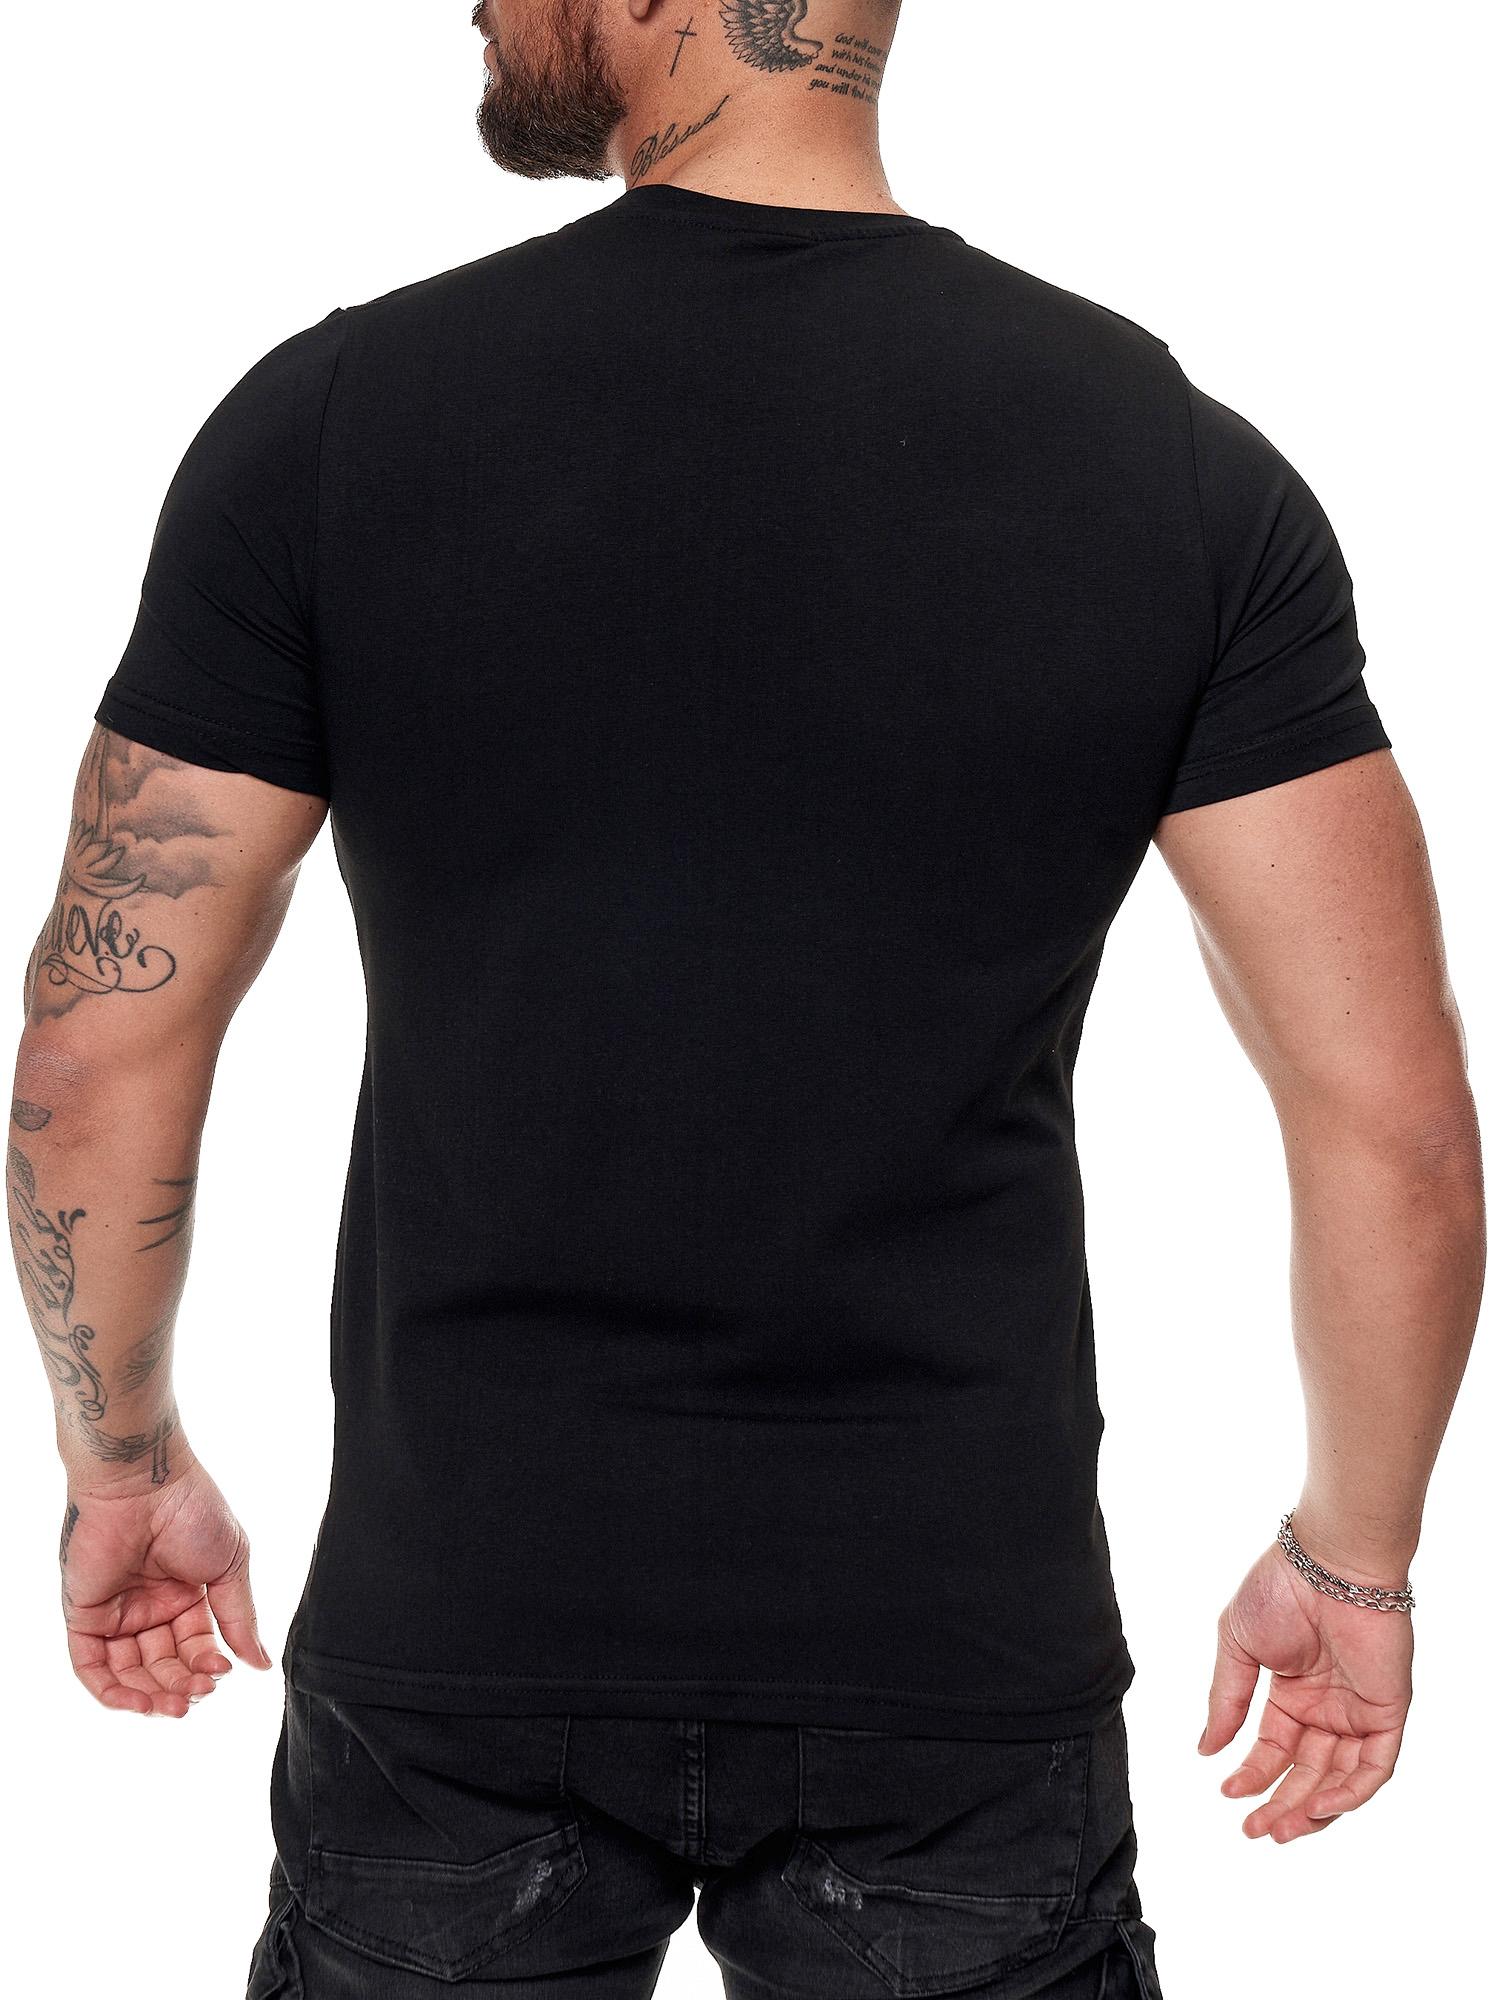 Herren T Shirt Poloshirt Polo Longsleeve Kurzarm Shirt